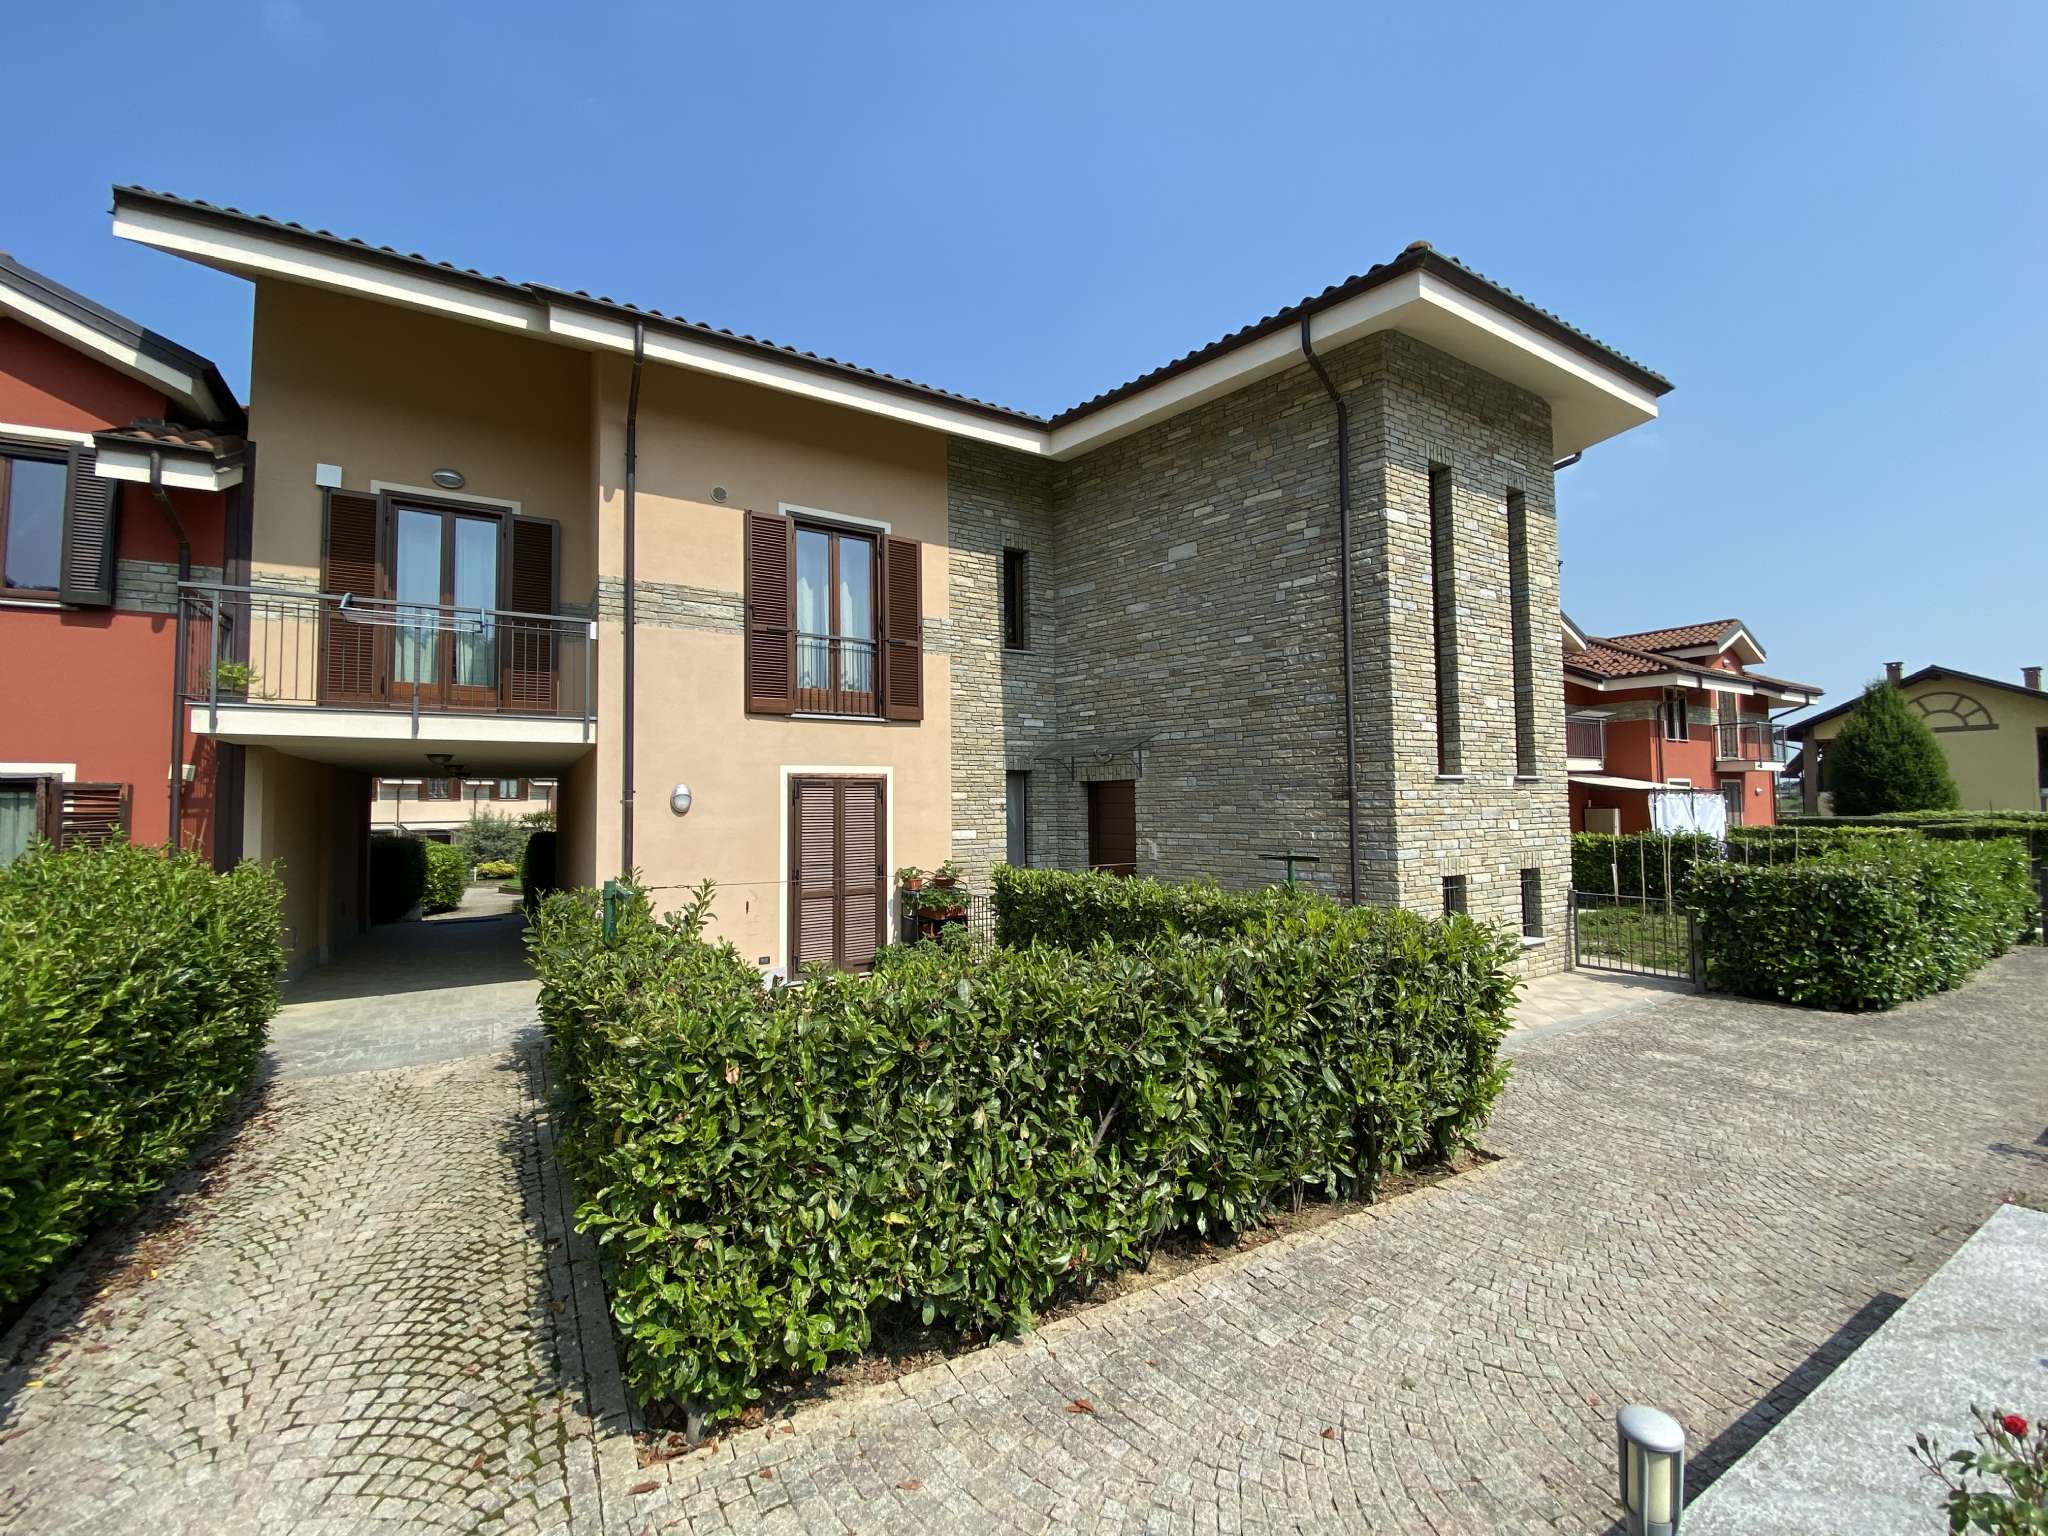 Appartamento in vendita a Bricherasio, 2 locali, prezzo € 95.000 | CambioCasa.it